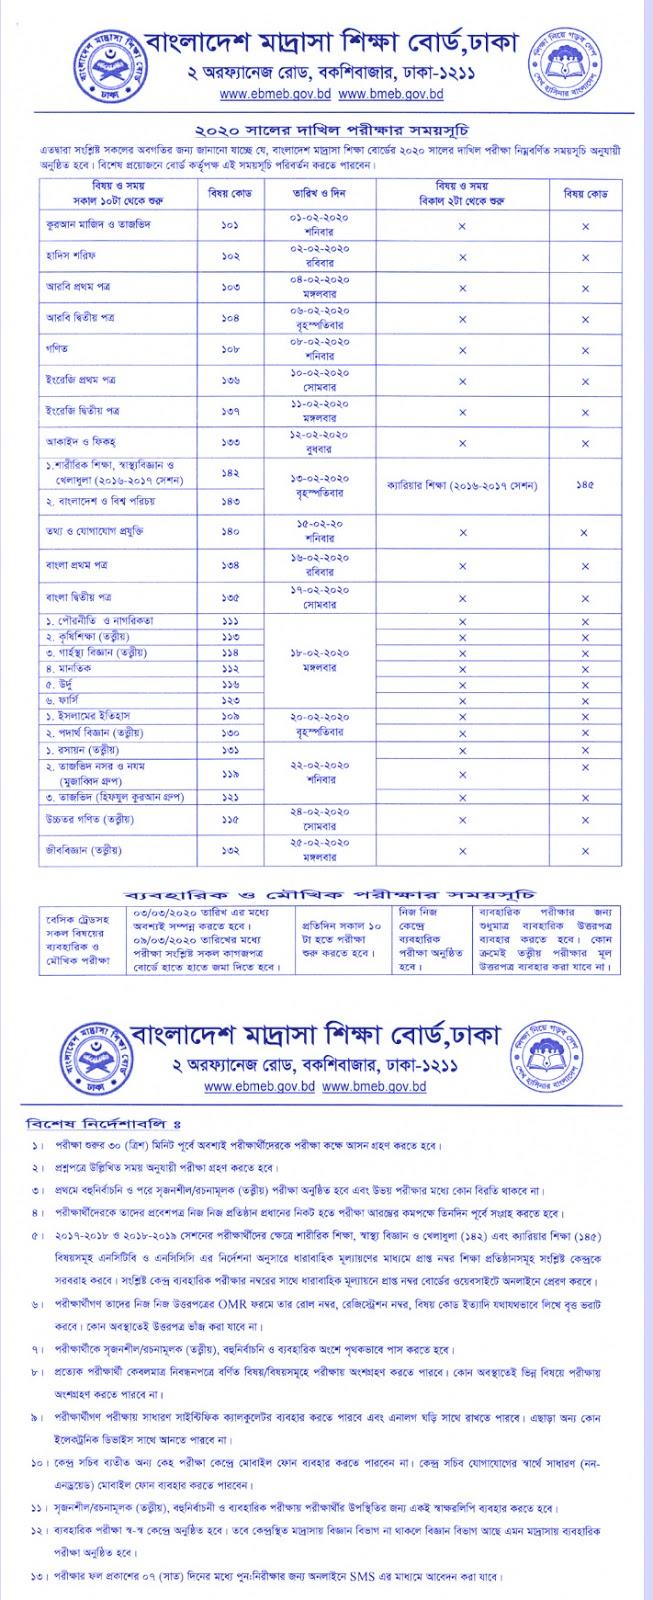 দাখিল পরিক্ষার রুটিন ২০২০, dakhil exam routine 2020,  পরিক্ষার রুটিন, মাদ্রাসা বোর্ডের পরিক্ষার রুটিব,